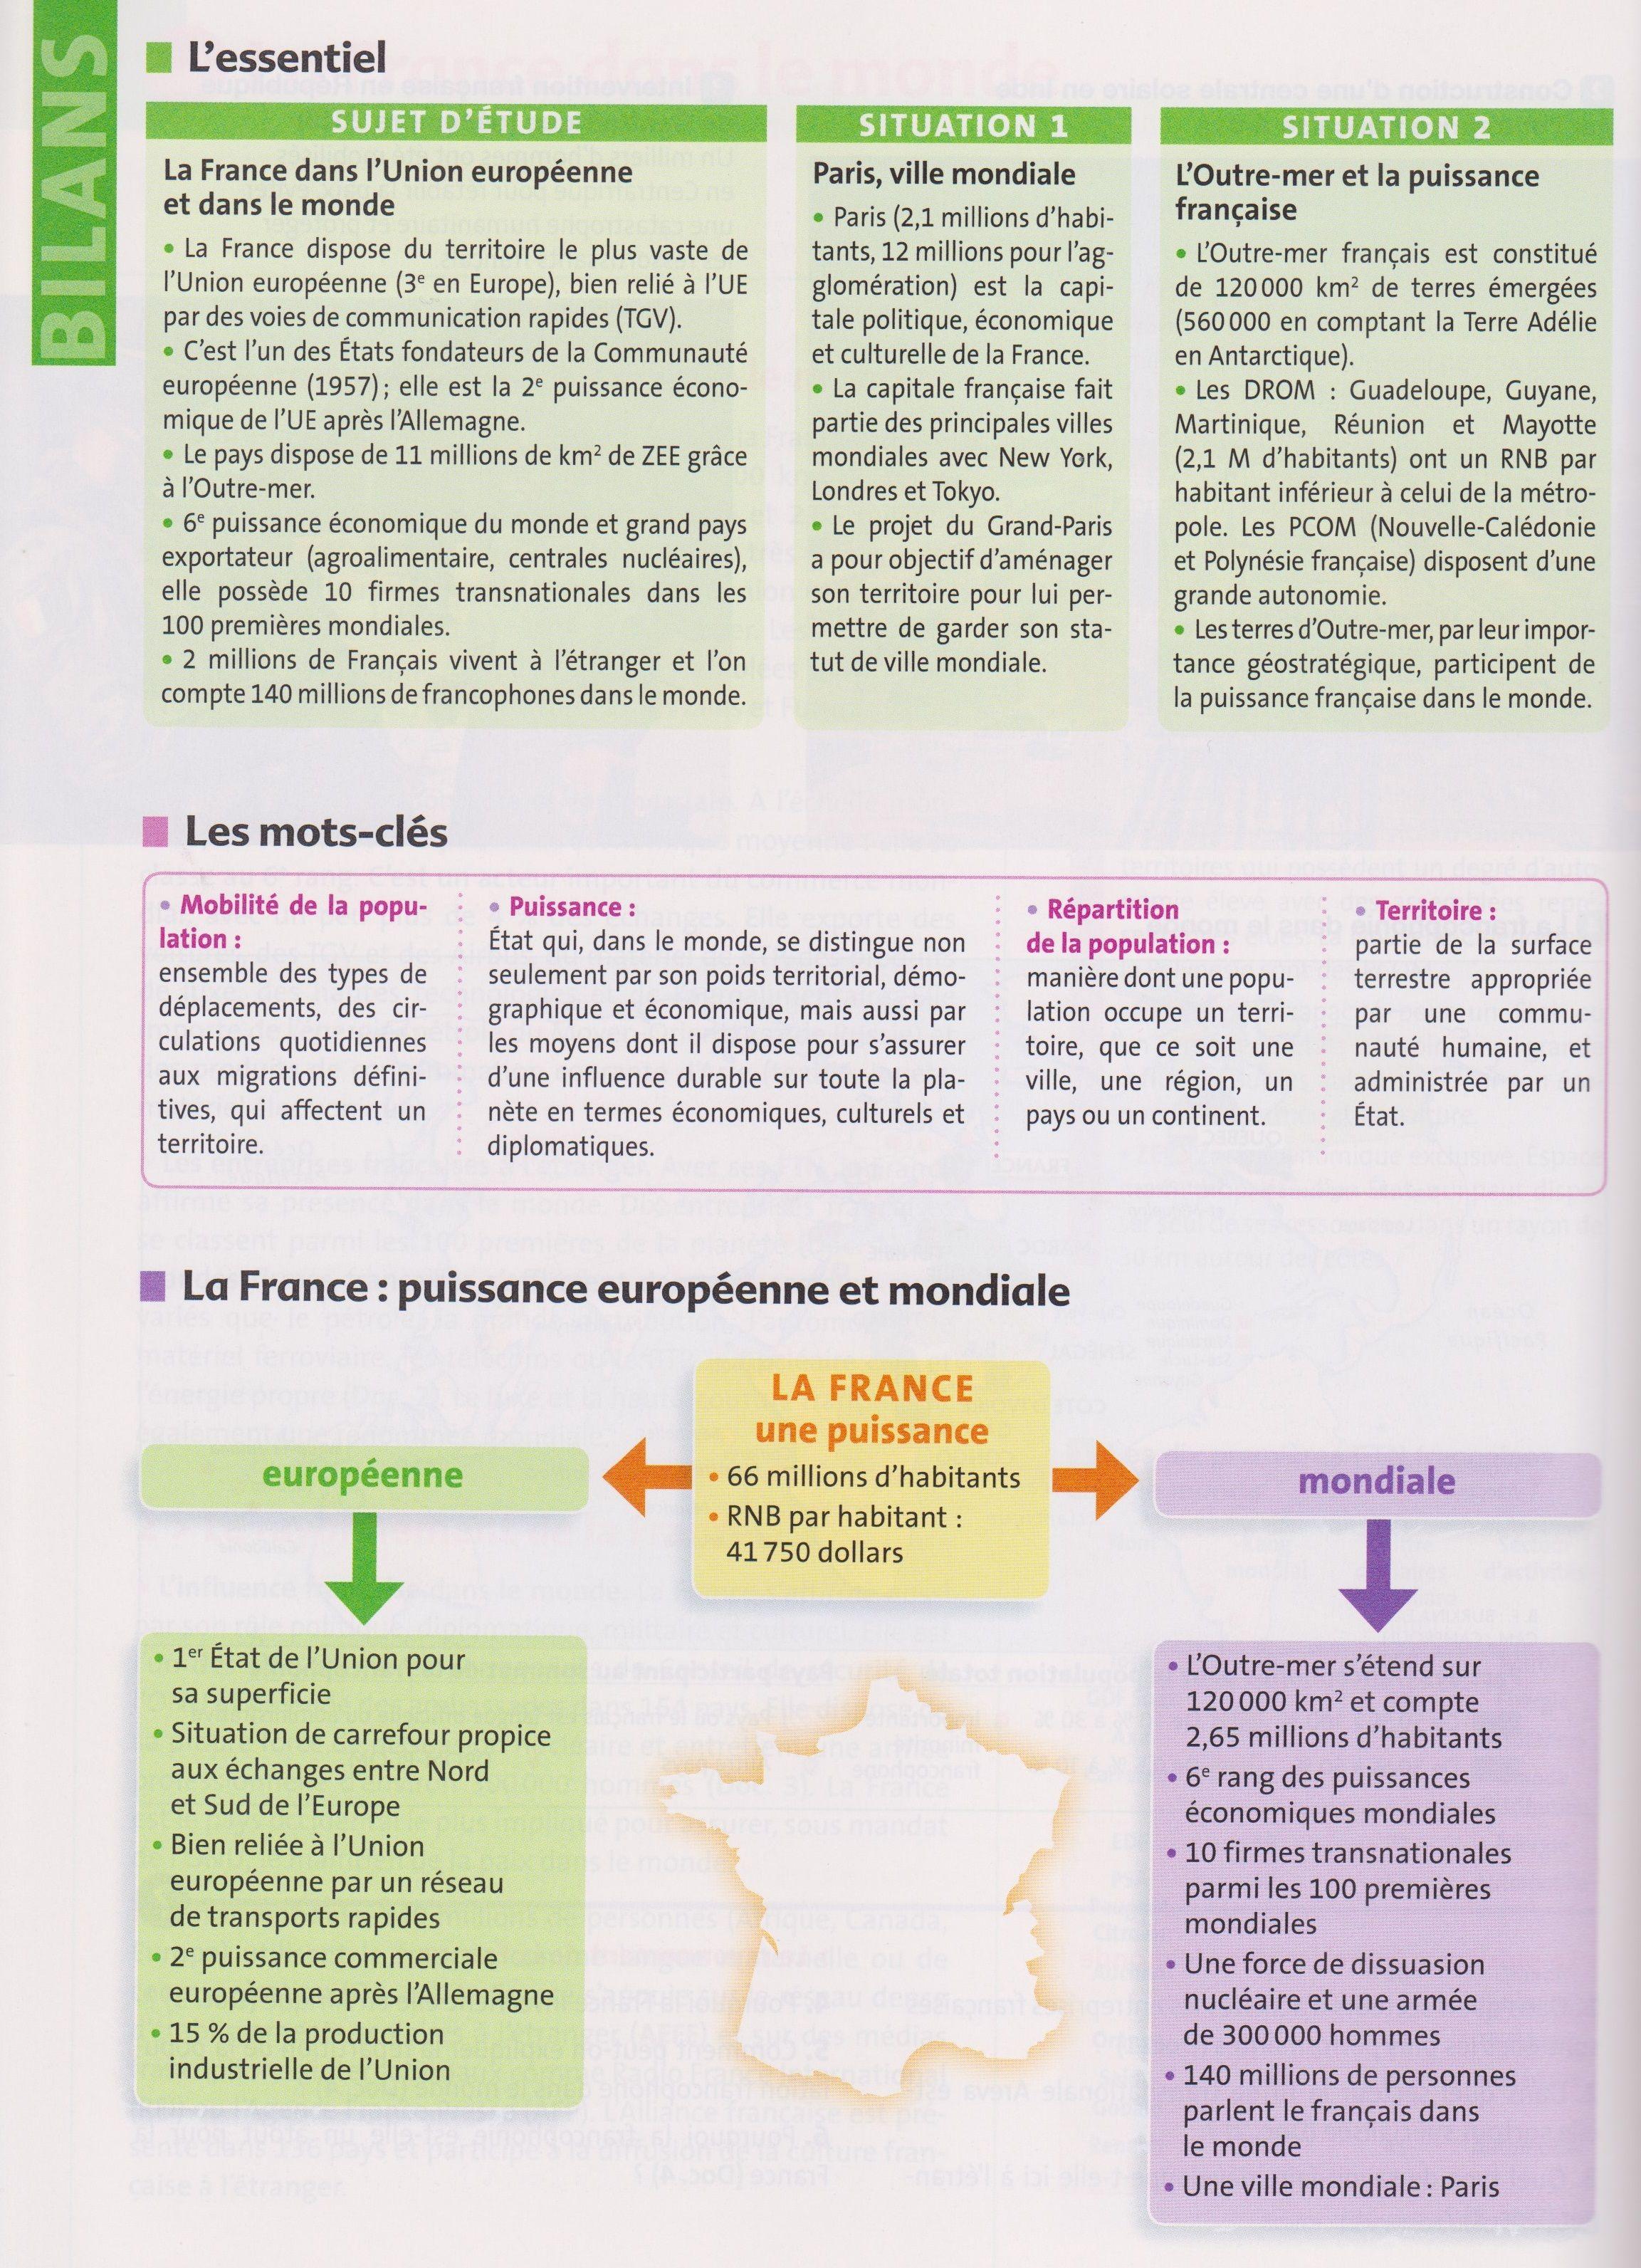 Tbacpro G1 Resume De Cours Pour Le Sujet D Etude De Geographie N 1 La France Dans L Union Europeenne Et Dans Le Monde Source Revisions Bac Revis